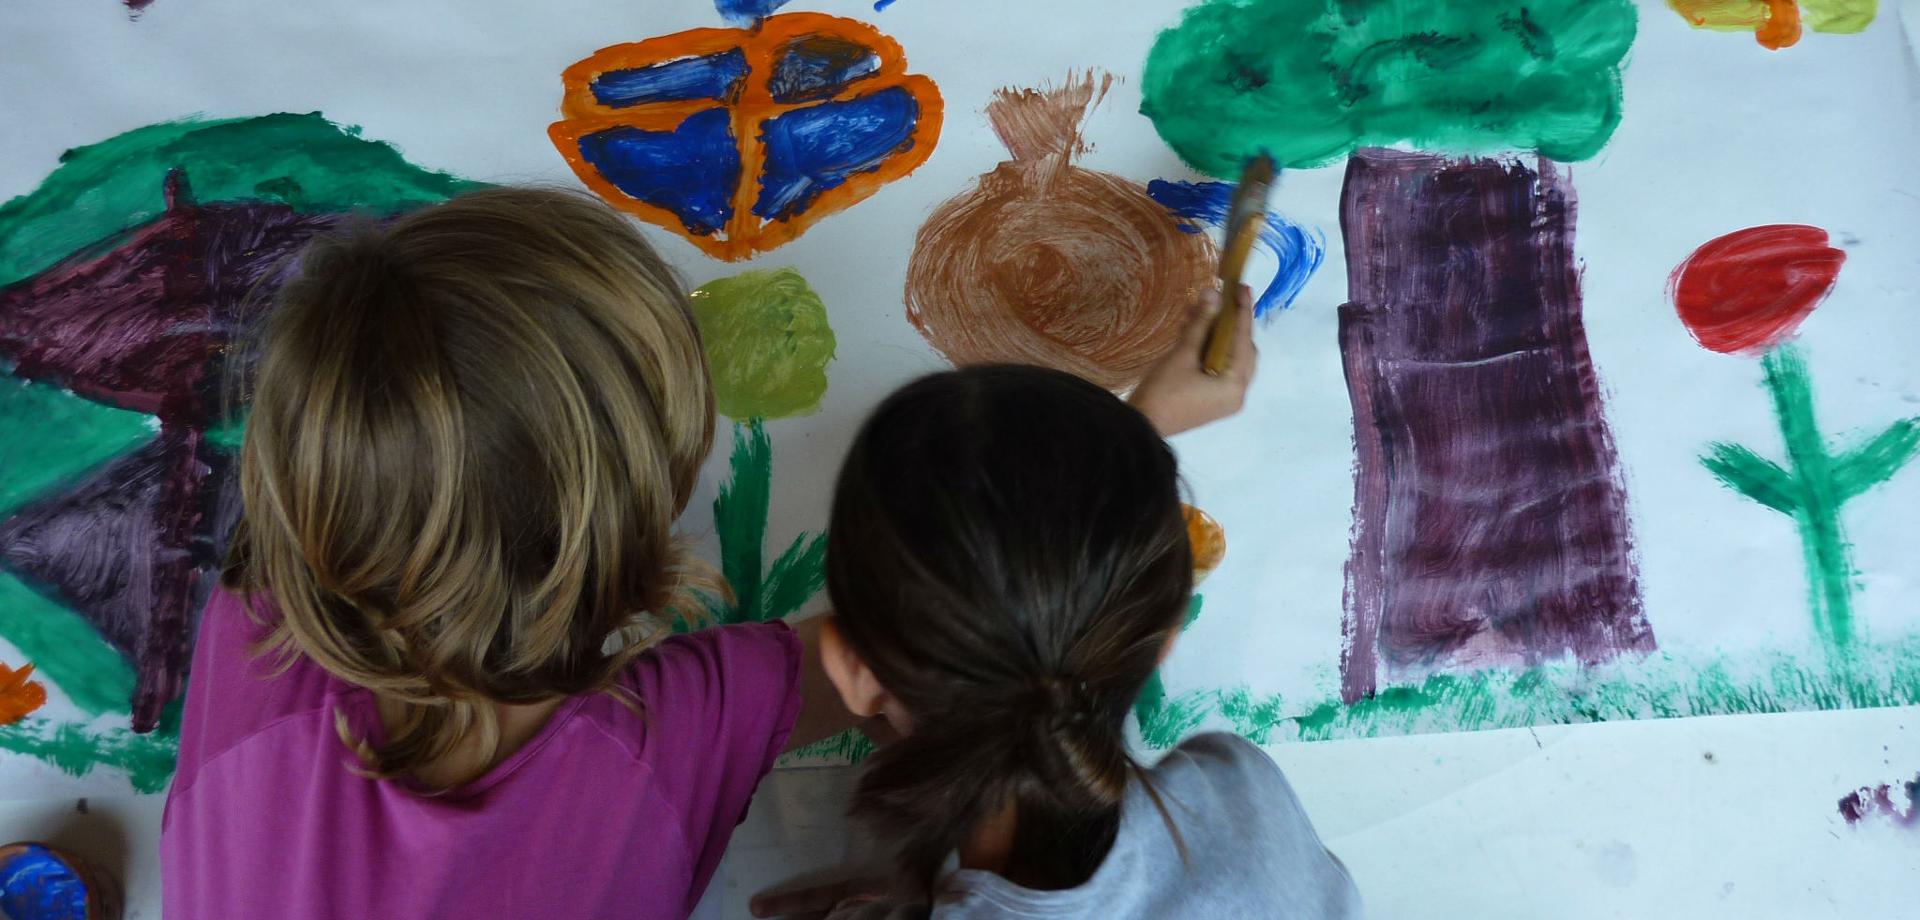 Ελληνικός Κόσμος  Εκπαιδευτικά παιδικά προγράμματα τα Σαββατοκύριακα ... 148645524b6